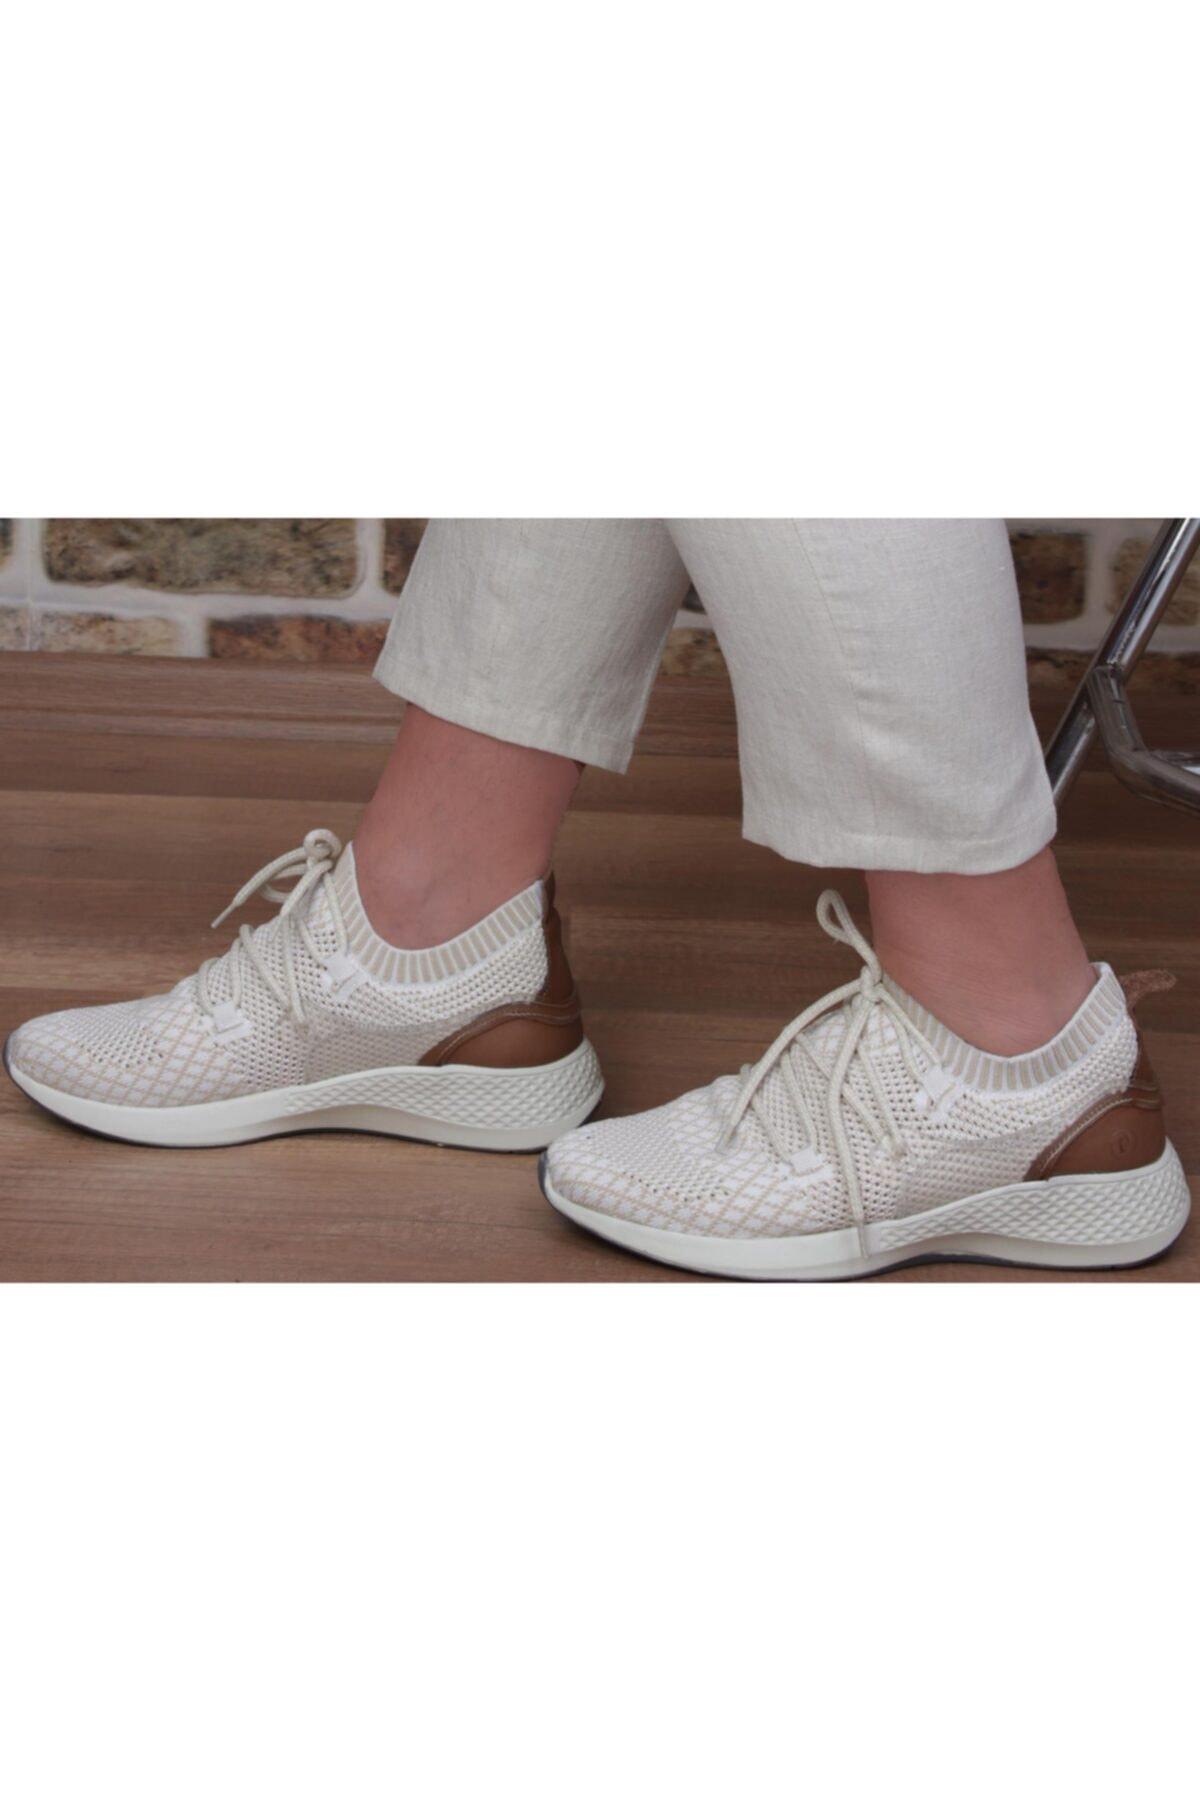 Pierre Cardin Çorap Model Casual Spor Ayakkabı (Pc-30175) 2